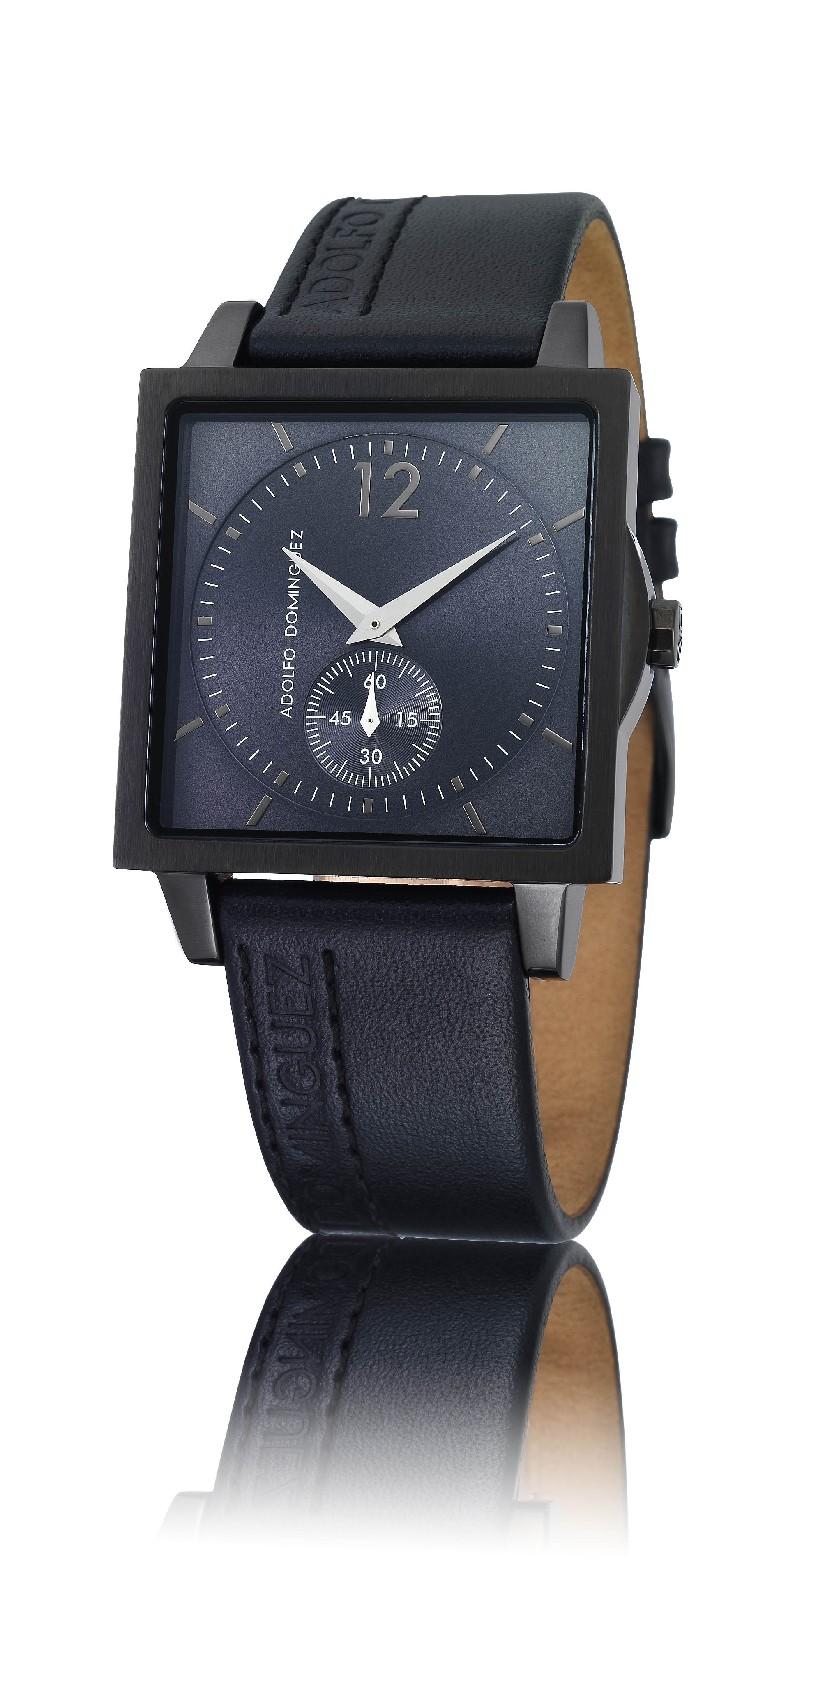 Comprar joyas y relojes baratos ofertas descuentos for Adolfo dominguez outlet nassica